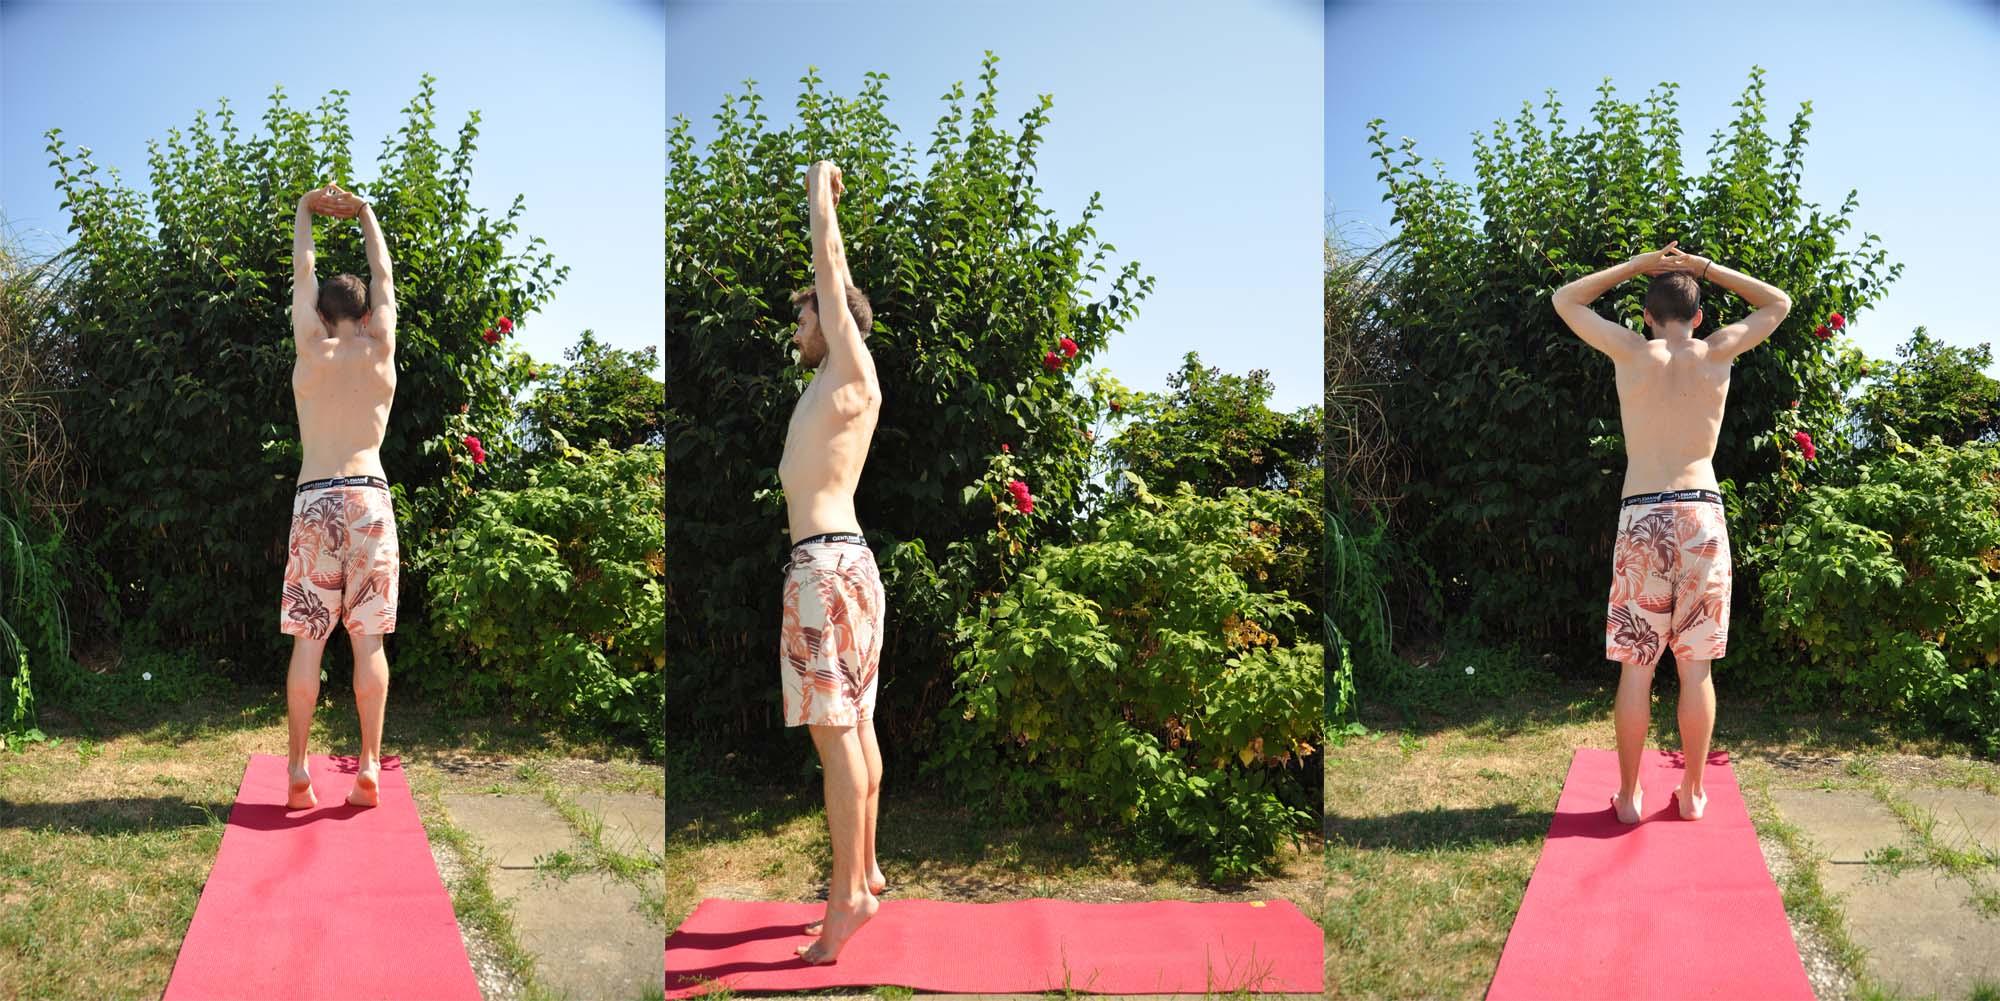 Tadasana, la posture du palmier, est la 1ère posture de ce lavage yogique.